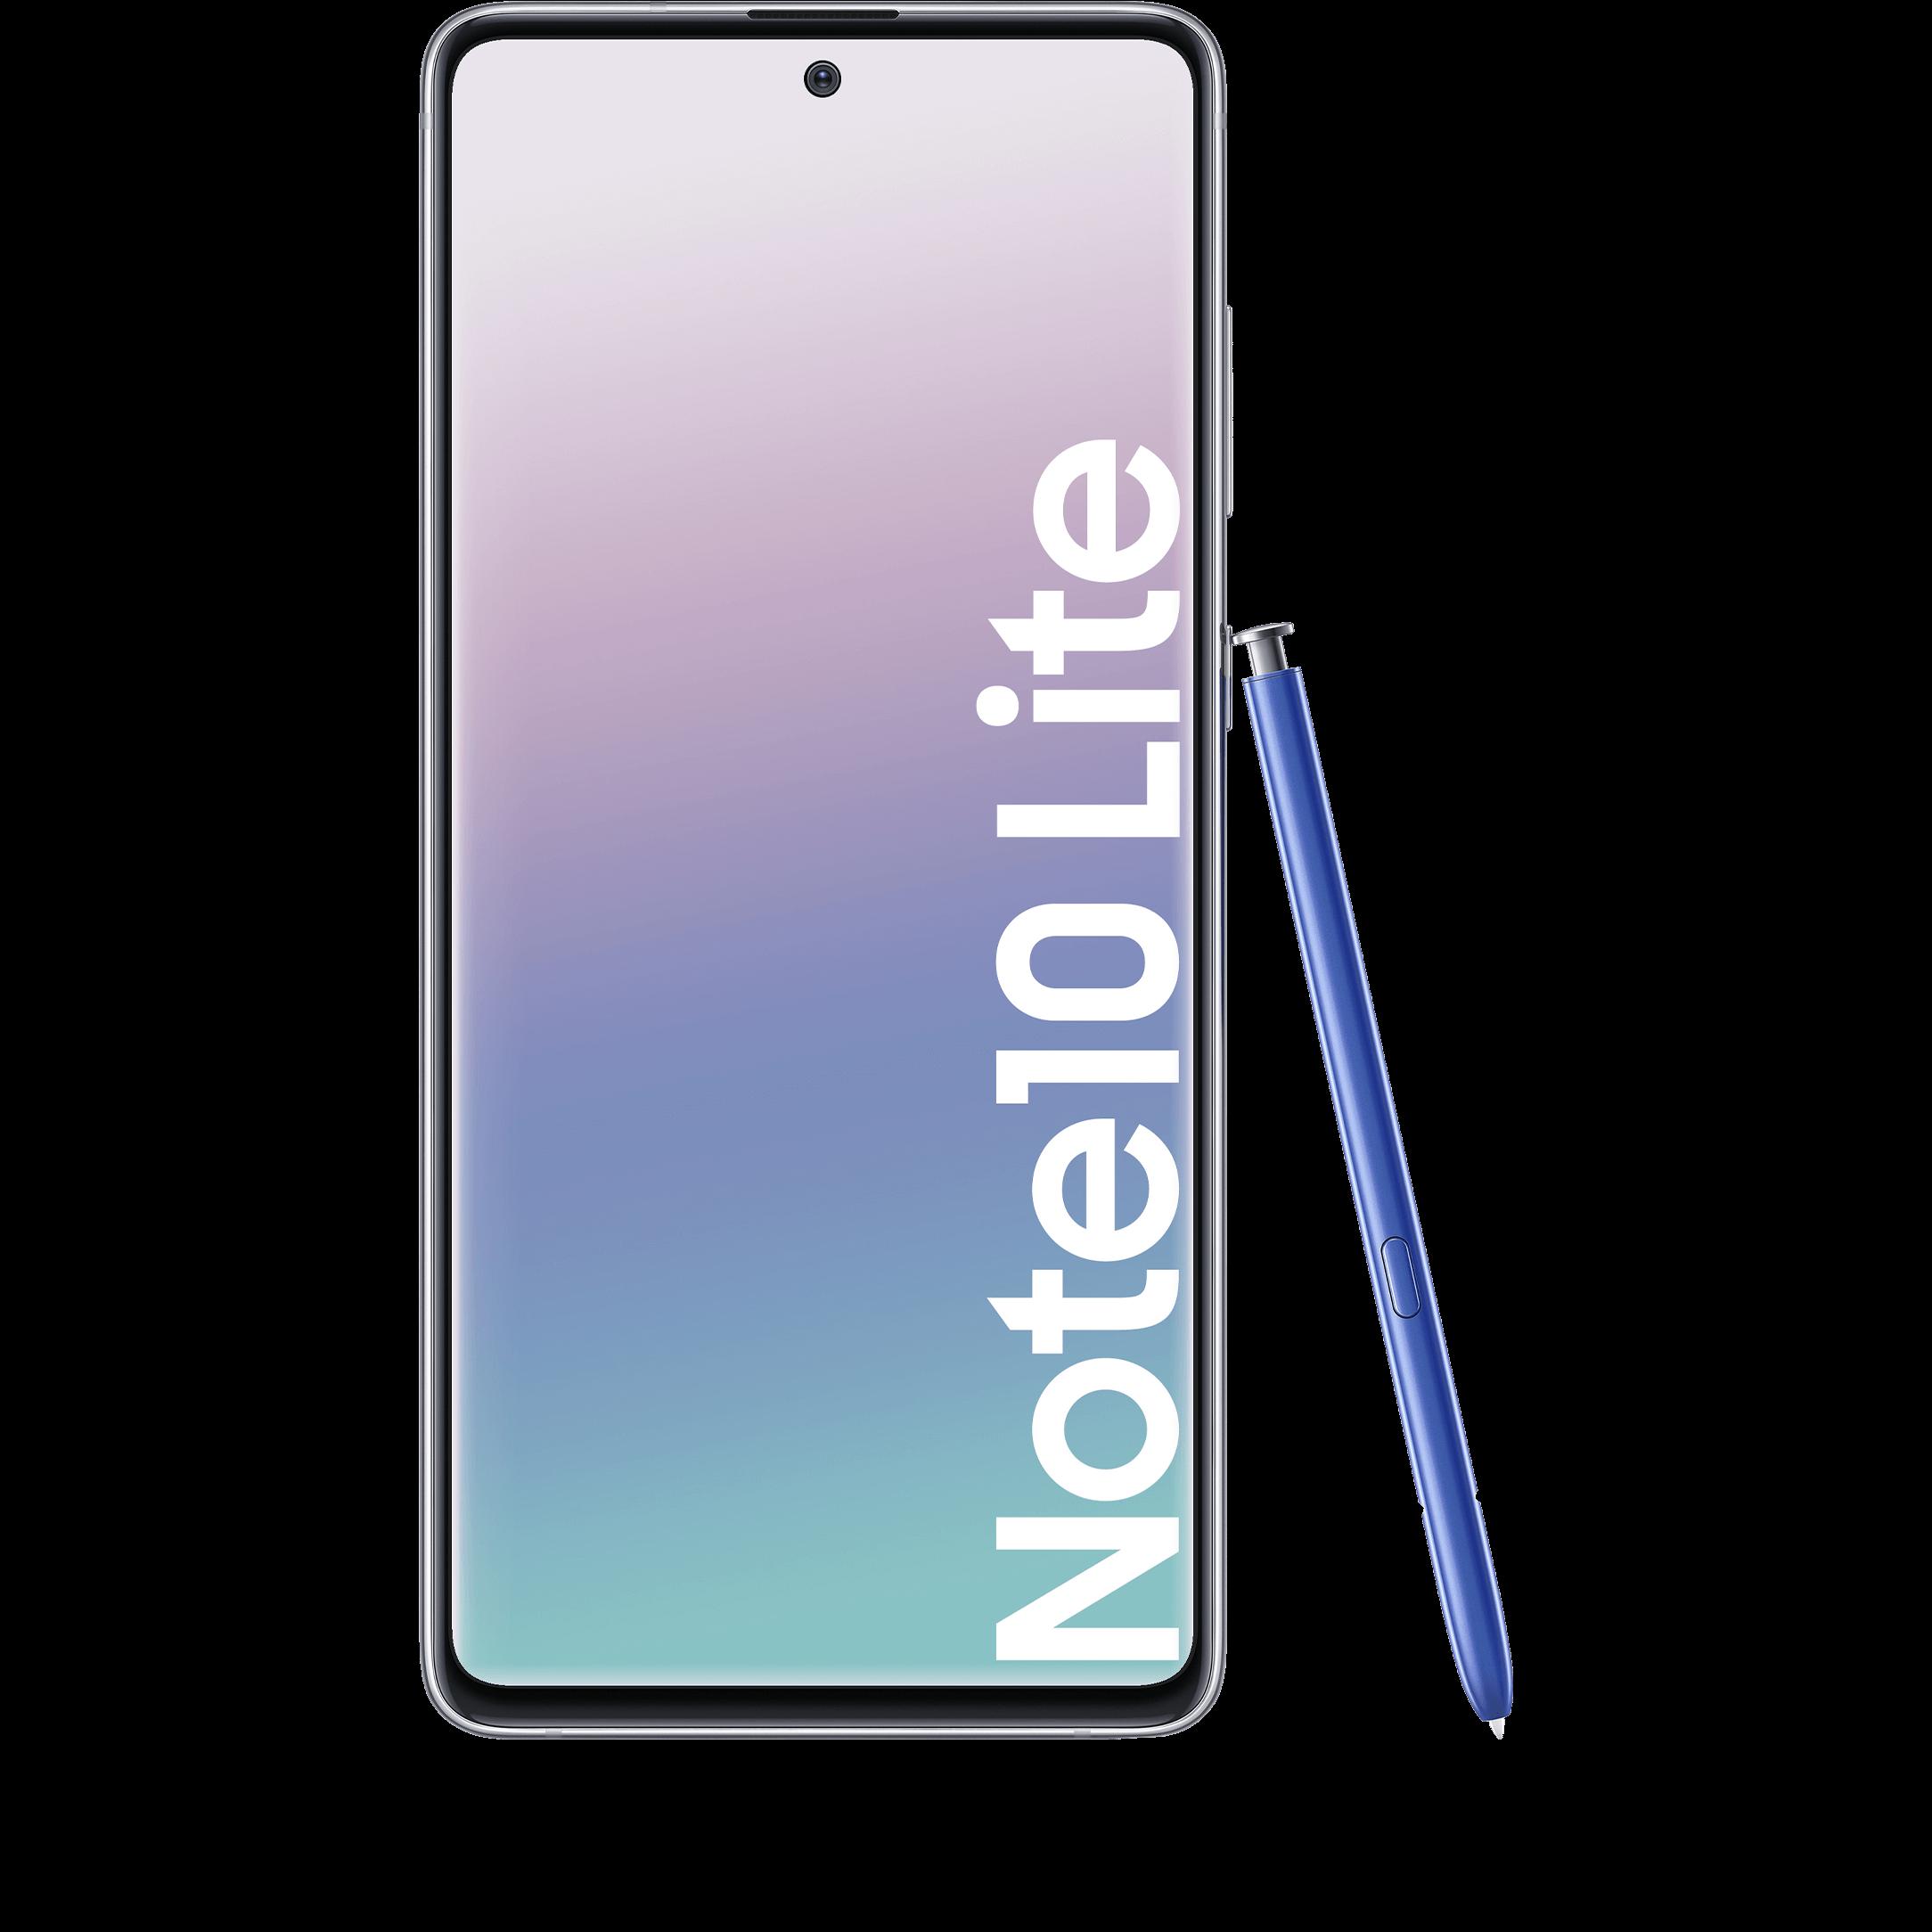 Günstig Kaufen beim Preisvergleich-Samsung Galaxy Note10 Lite 128 GB aura glow mit Allnet Flat L